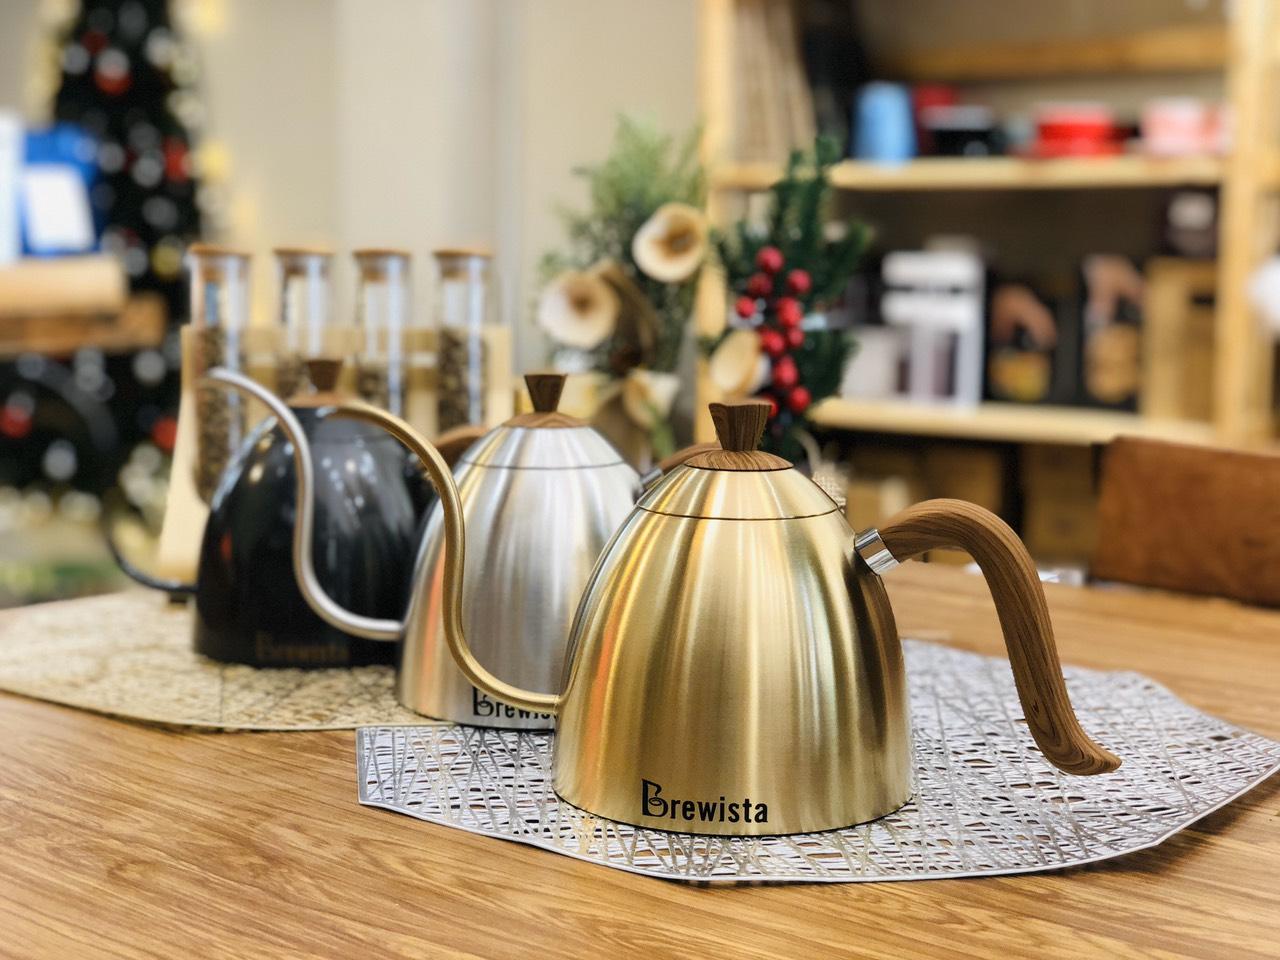 Kiêu hãnh như ấm rót nước  cà phê Brewista Artisan